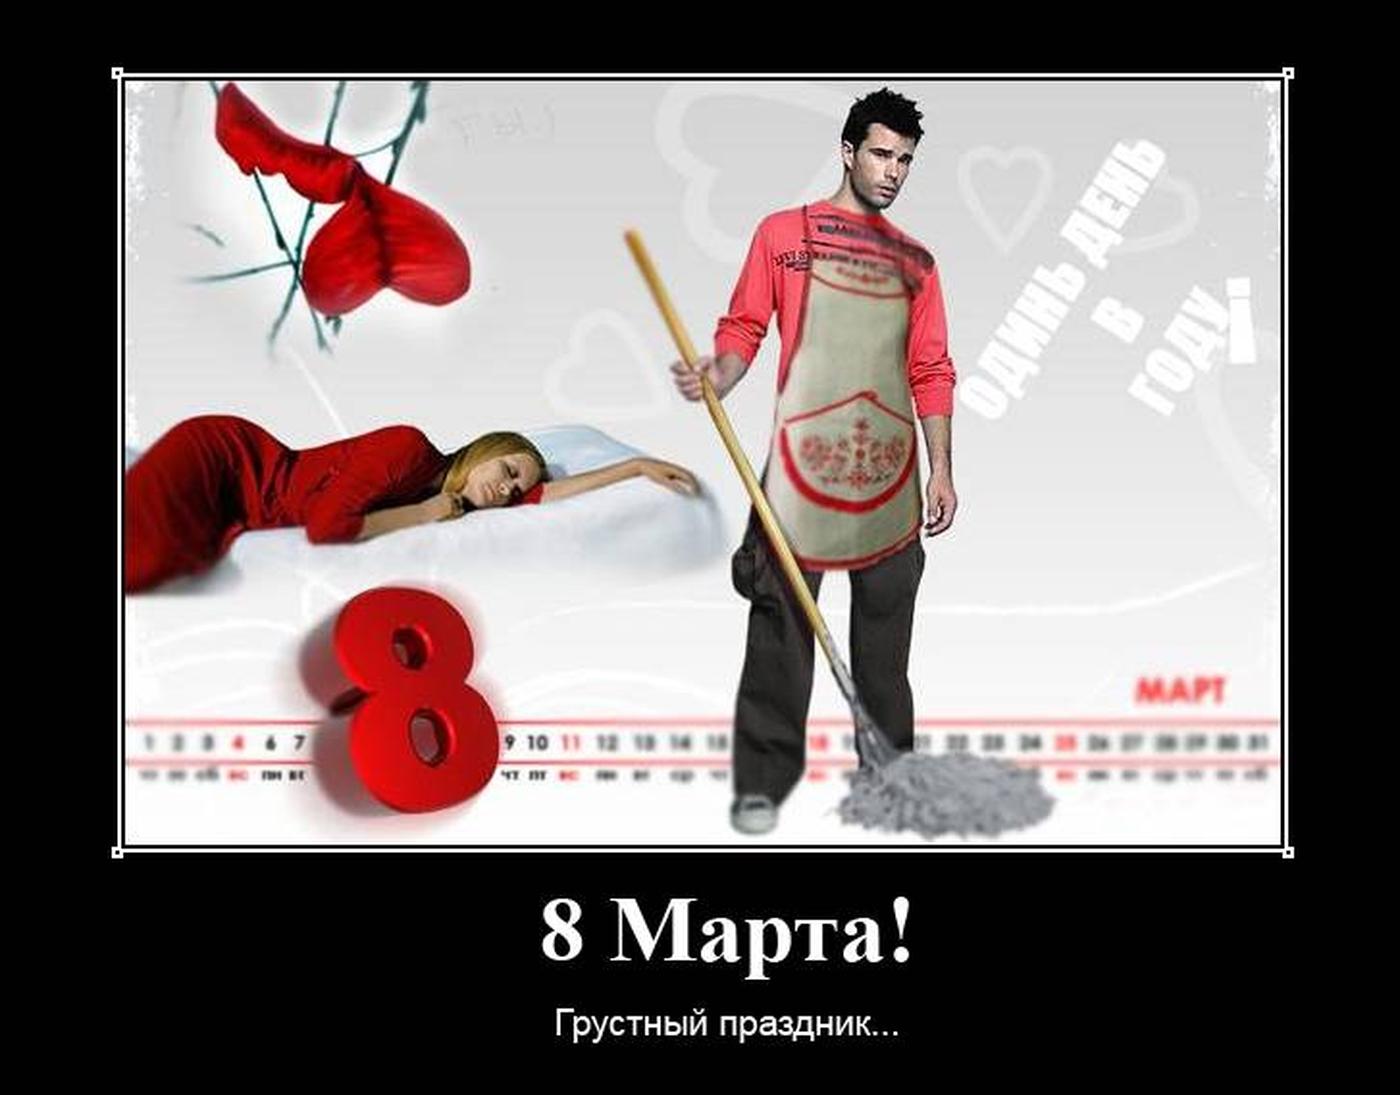 http://forumupload.ru/uploads/0000/11/2c/30444-3-f.jpg